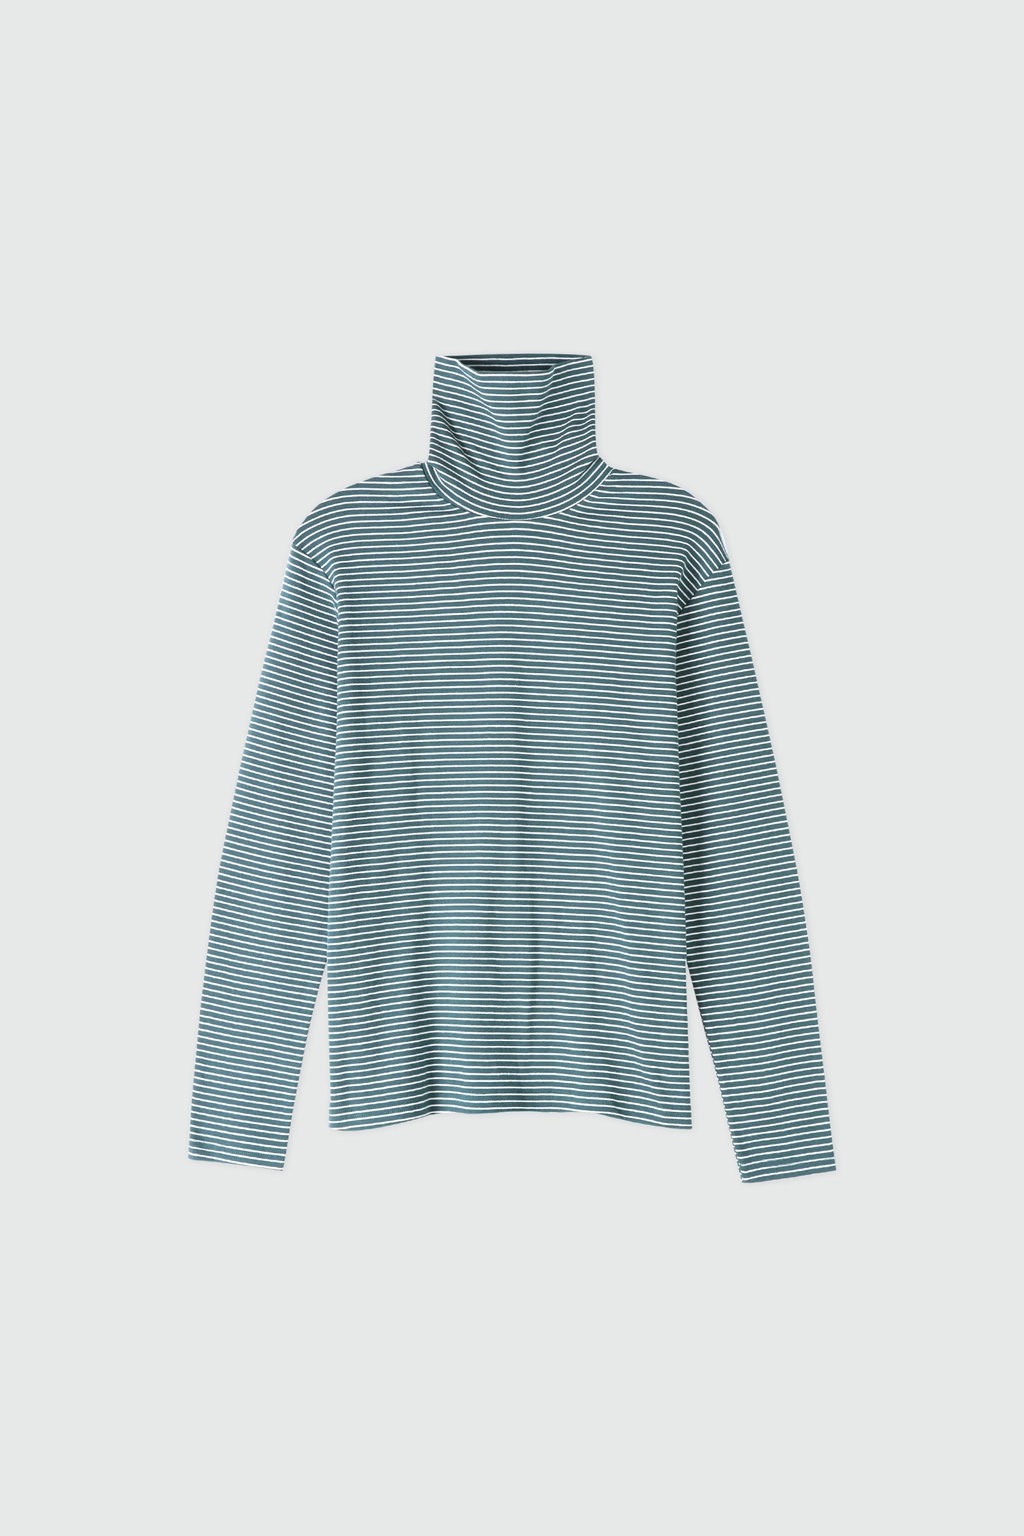 TShirt J011 Khaki 12